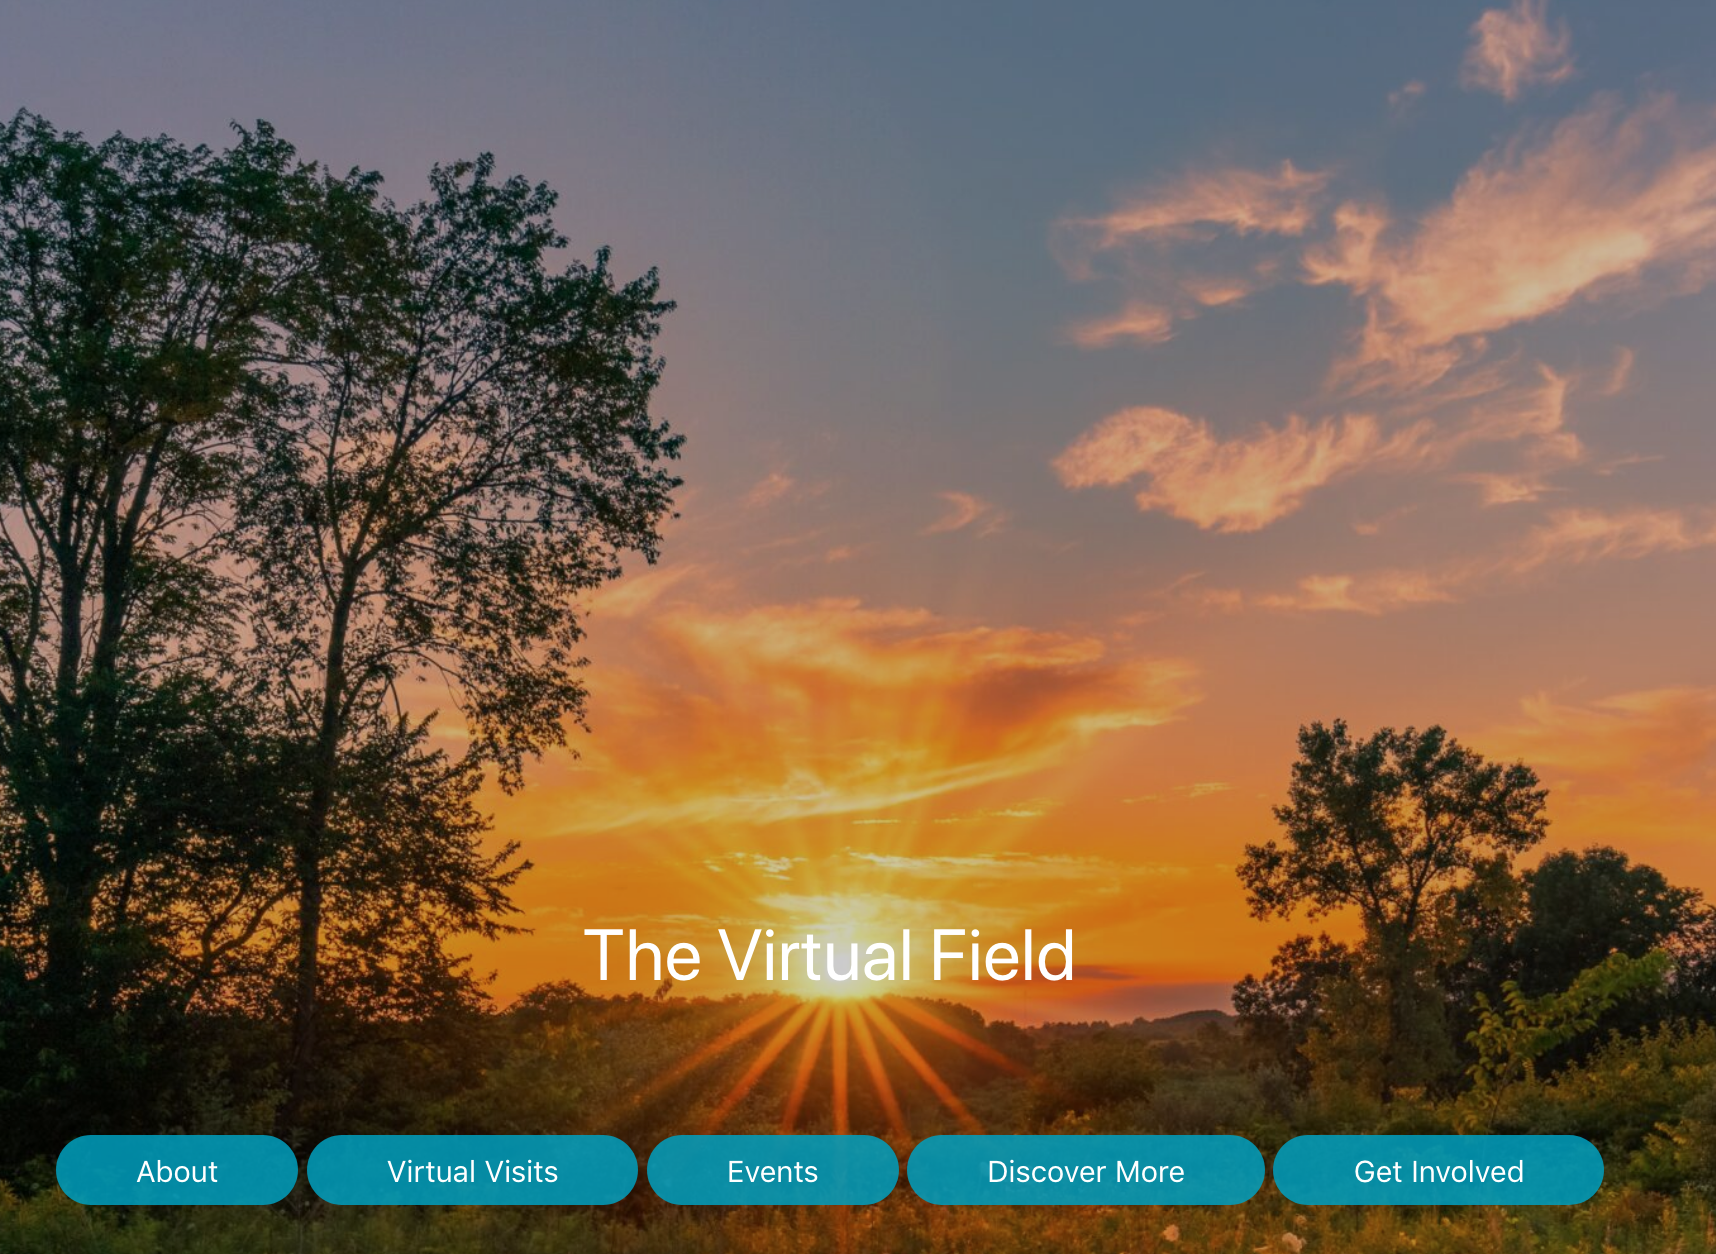 The Virtual Field portal homepage